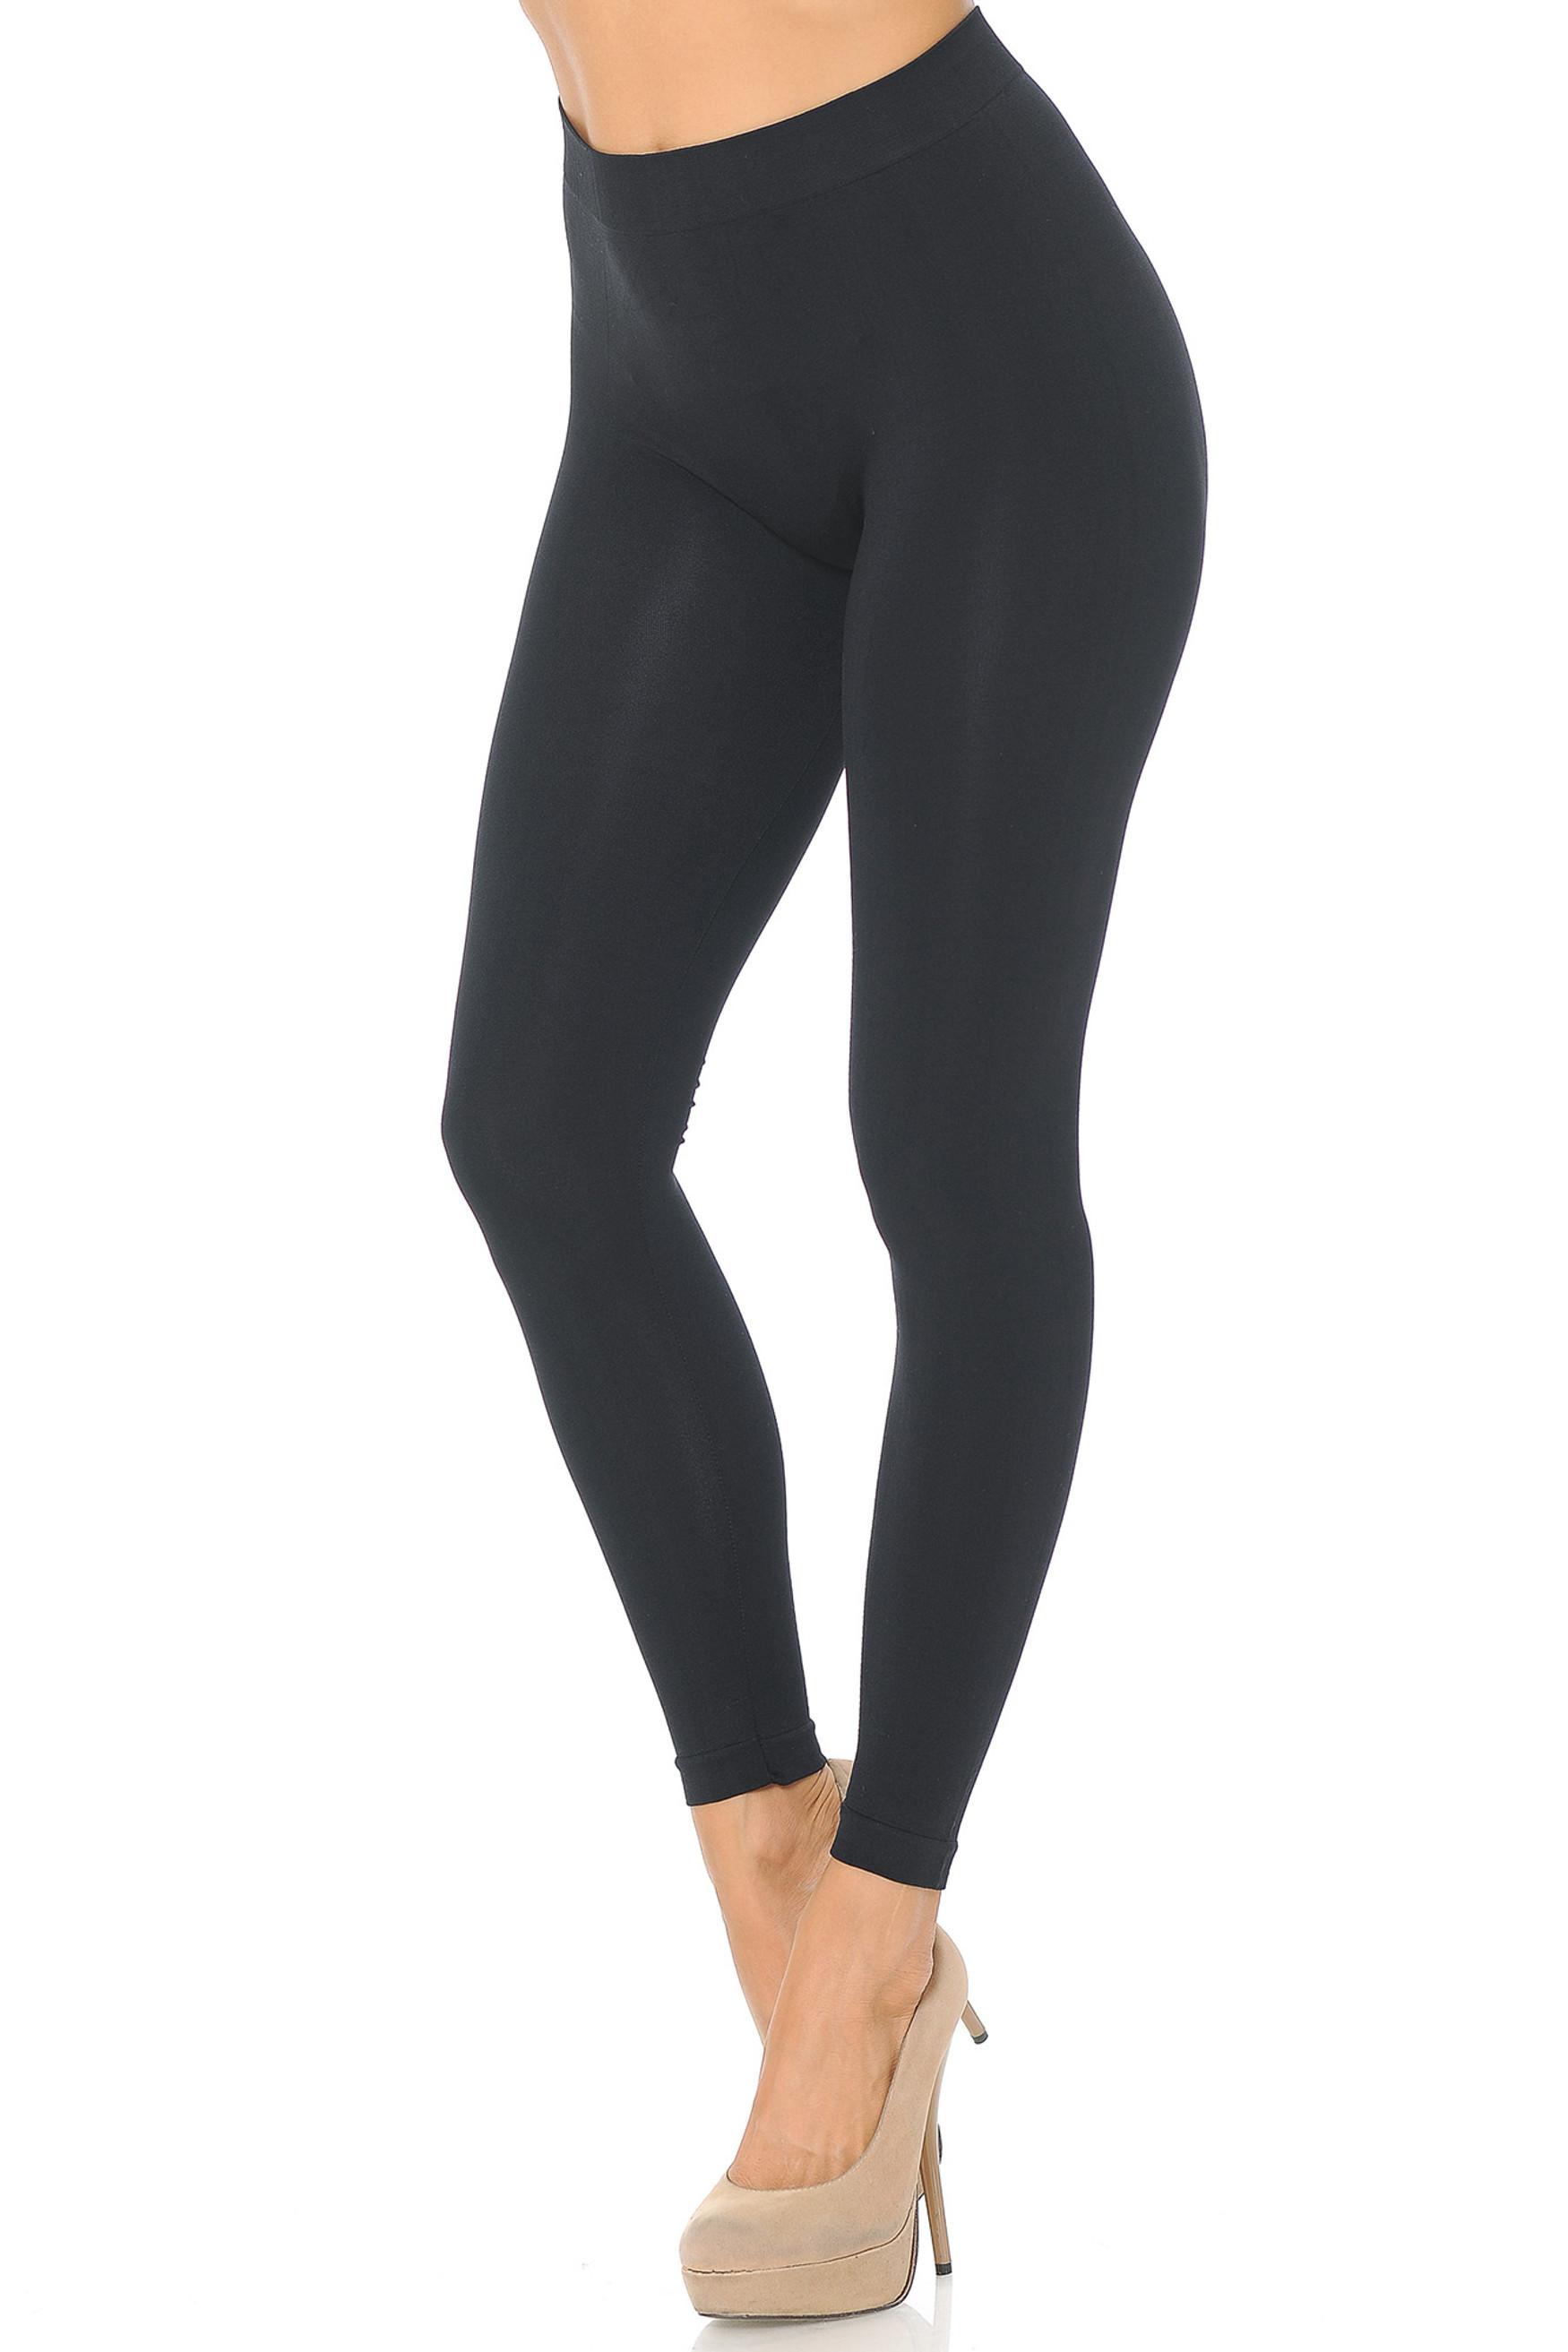 Premium Nylon Spandex Solid Basic Leggings